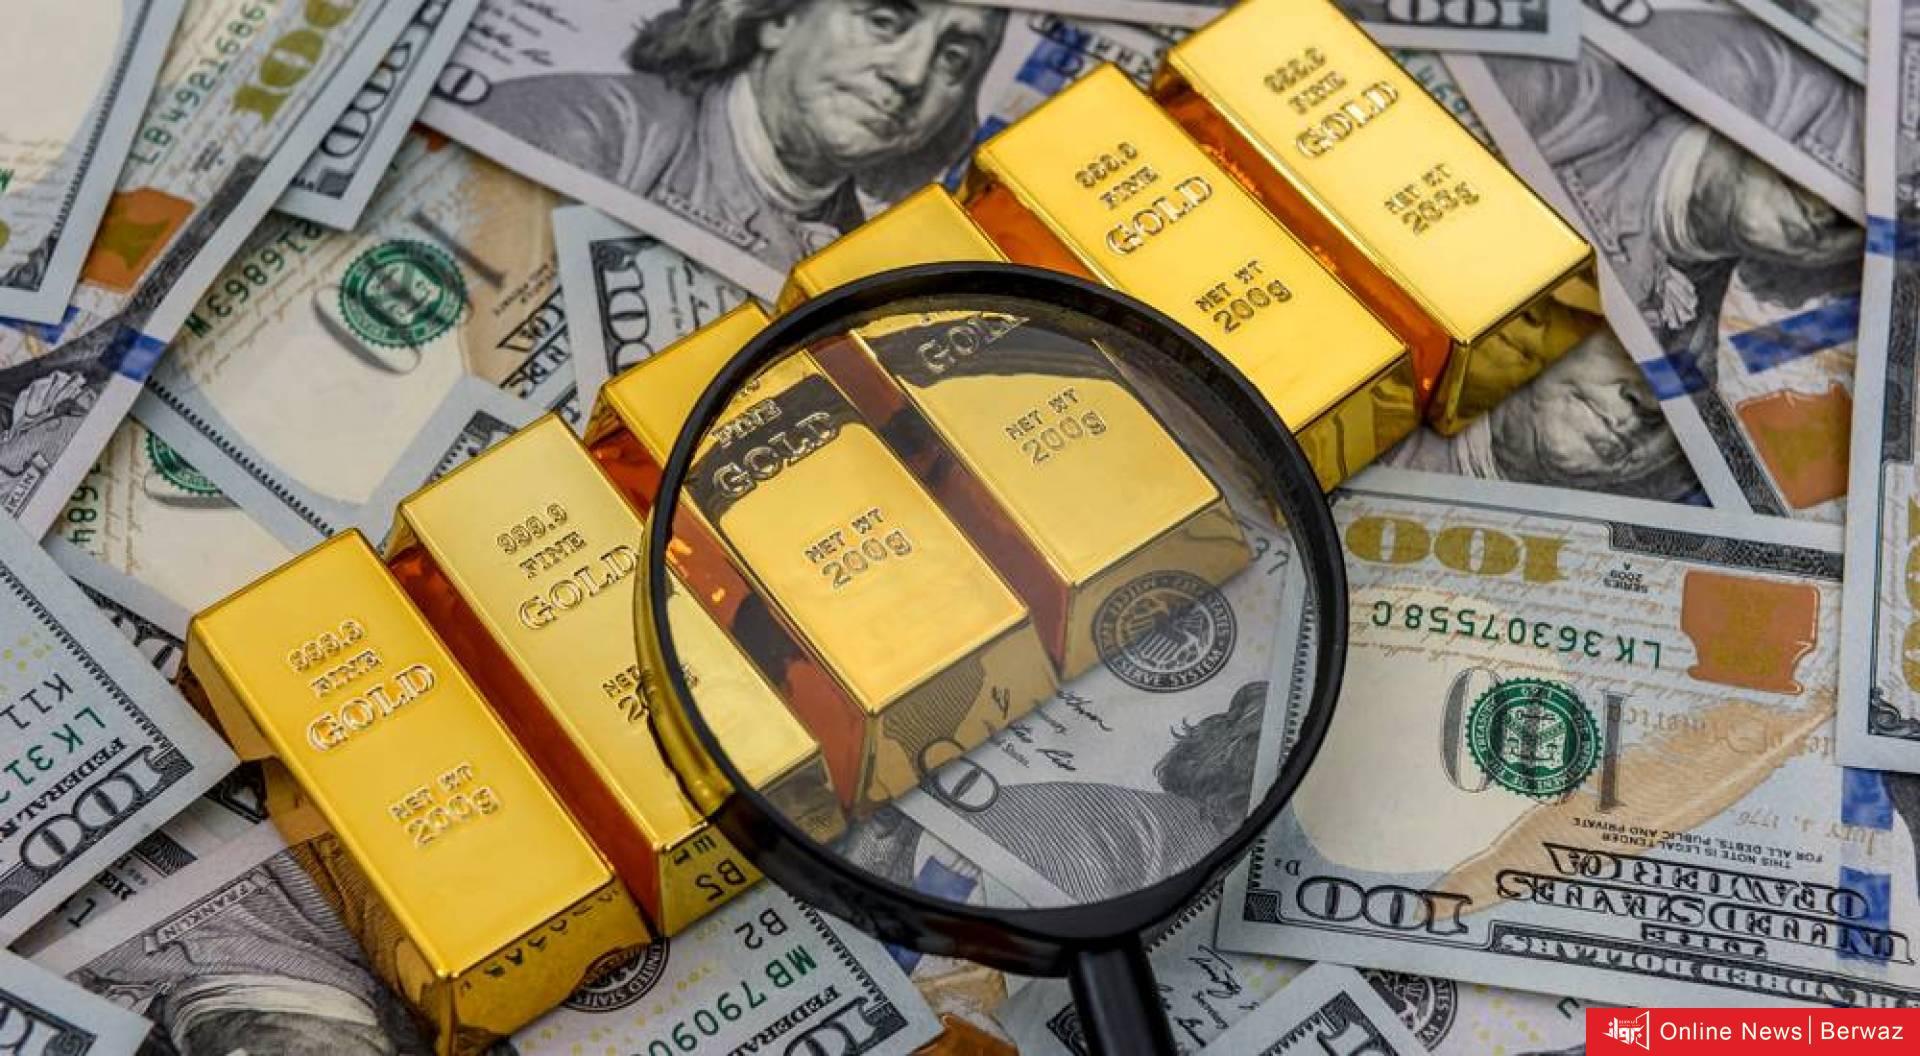 ذهب - صعود الذهب وسط مخاوف تعافي الإقتصاد العالمي والانتخابات الأمريكية